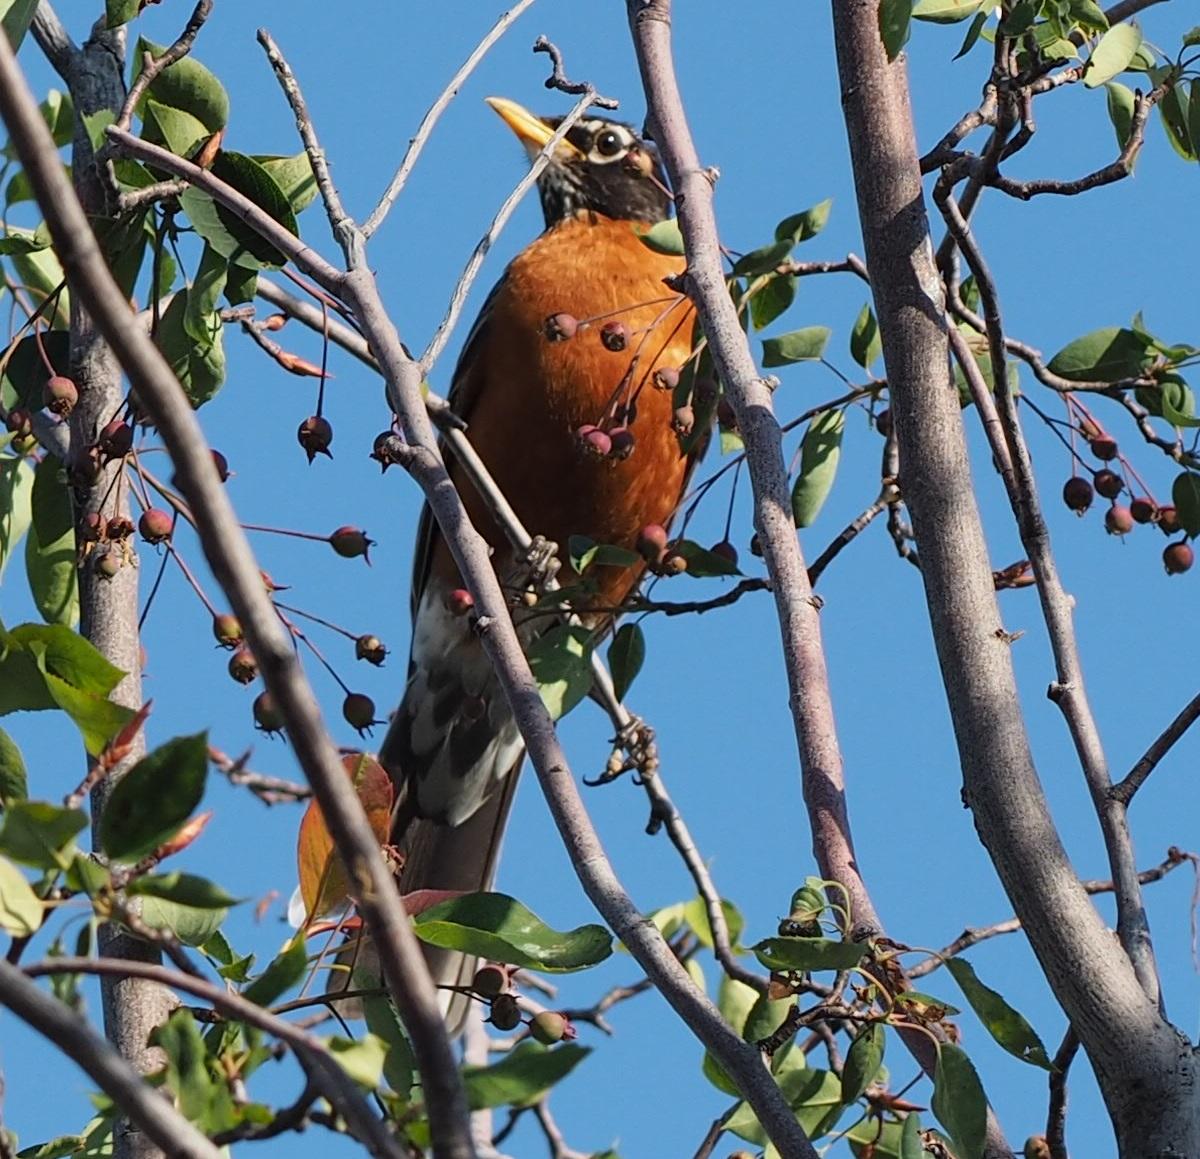 Cedar waxwing, Aga Khan Park, Simergphotos, Photo of the Day